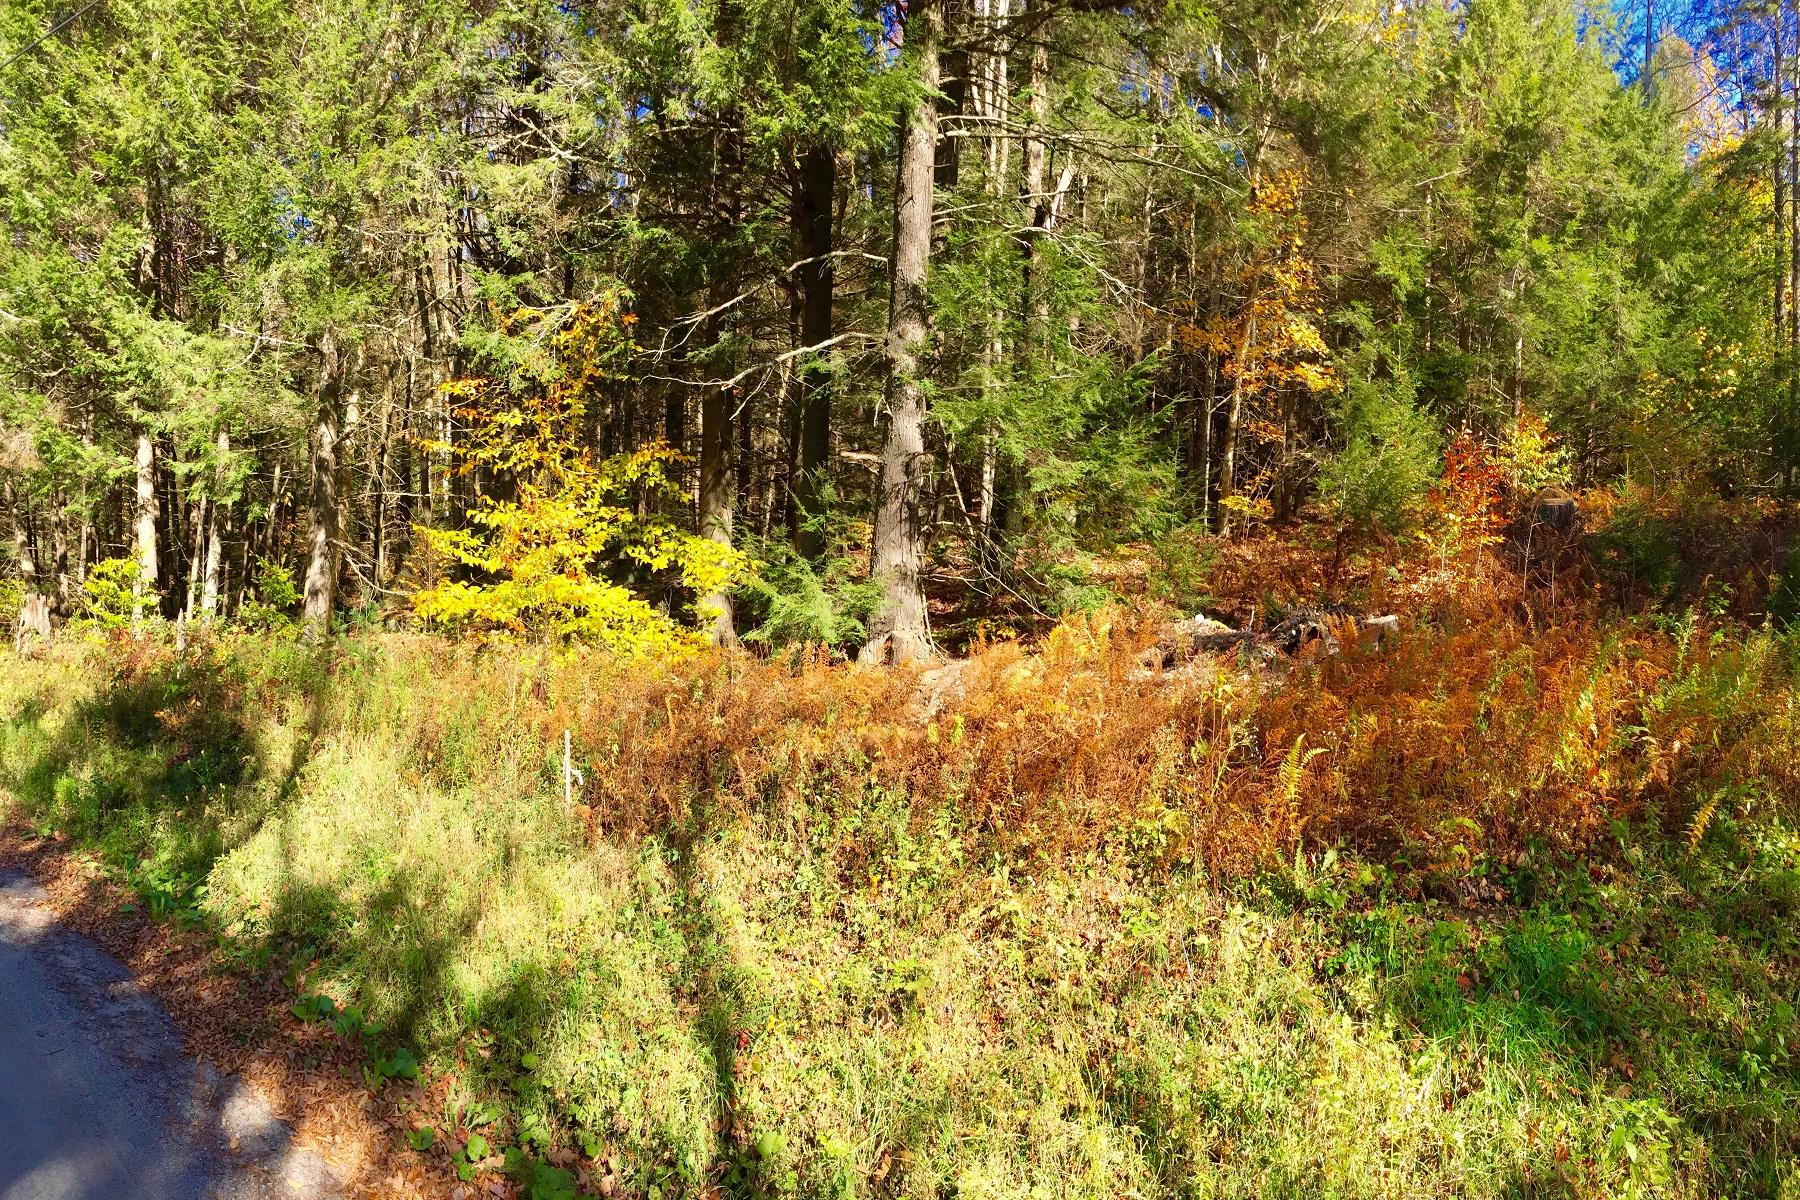 Terreno por un Venta en Affordable Lot 10 East Barnard Road, Barnard, Vermont, 05031 Estados Unidos